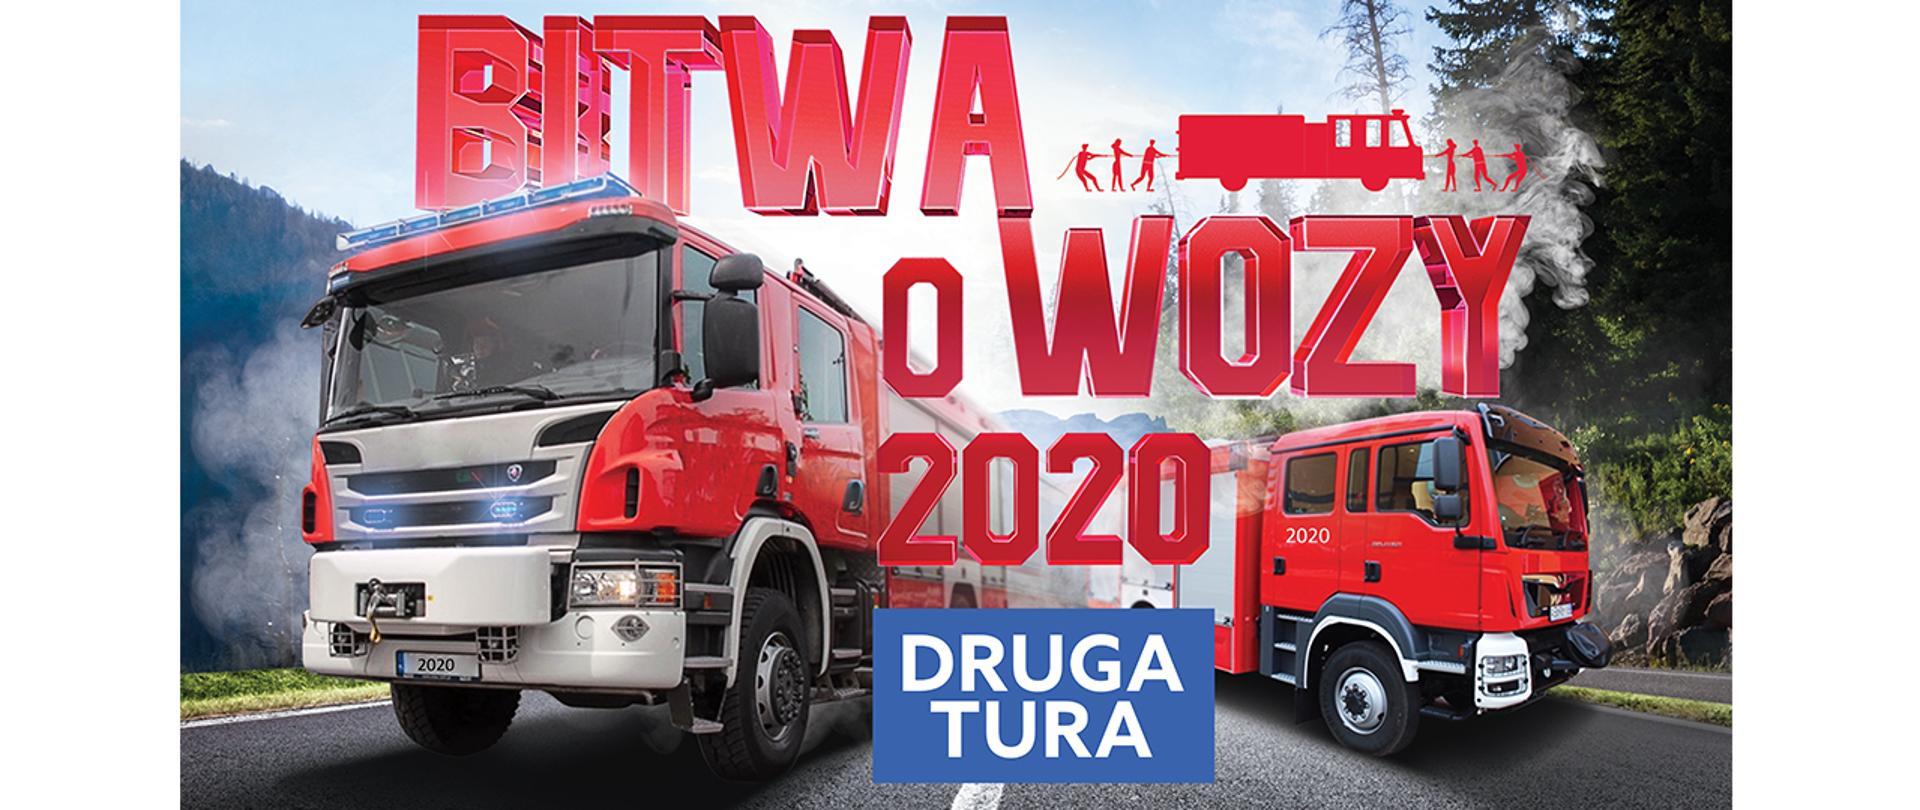 Grafika promująca drugą edycję akcji profrekwencyjnej MSWiA, na której widnieją dwa wozy ratowniczo-gaśnicze pędzące ulicą oraz napis: Bitwa o wozy 2020, druga tura.